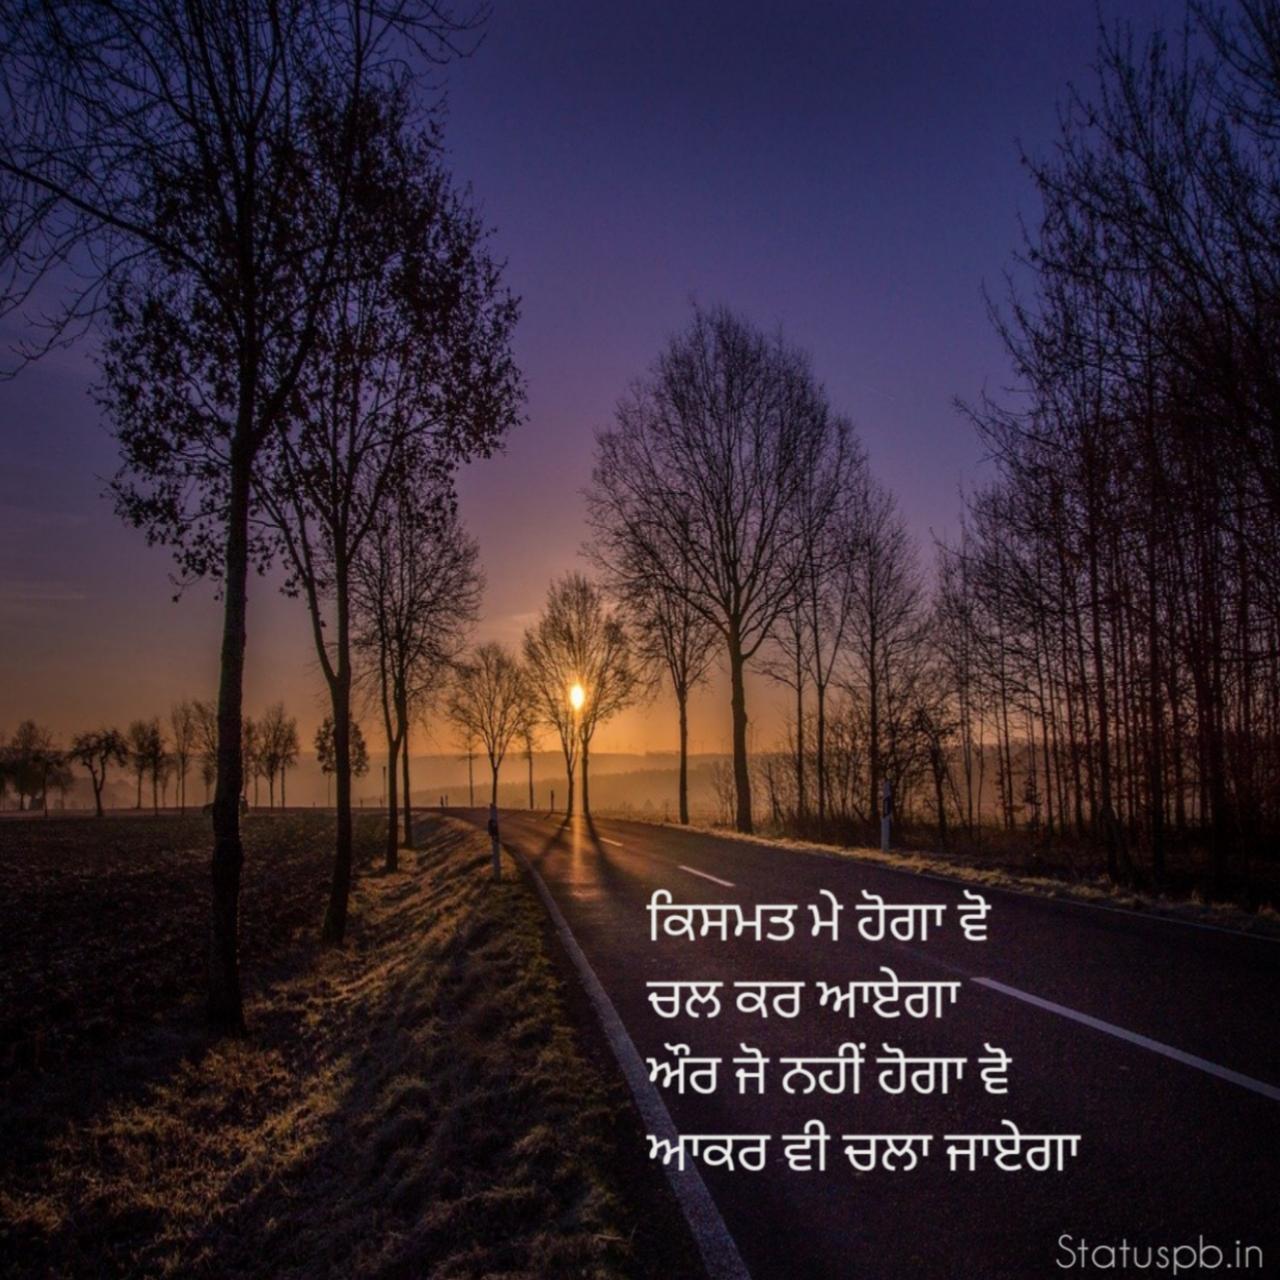 Punjabi Thoughts